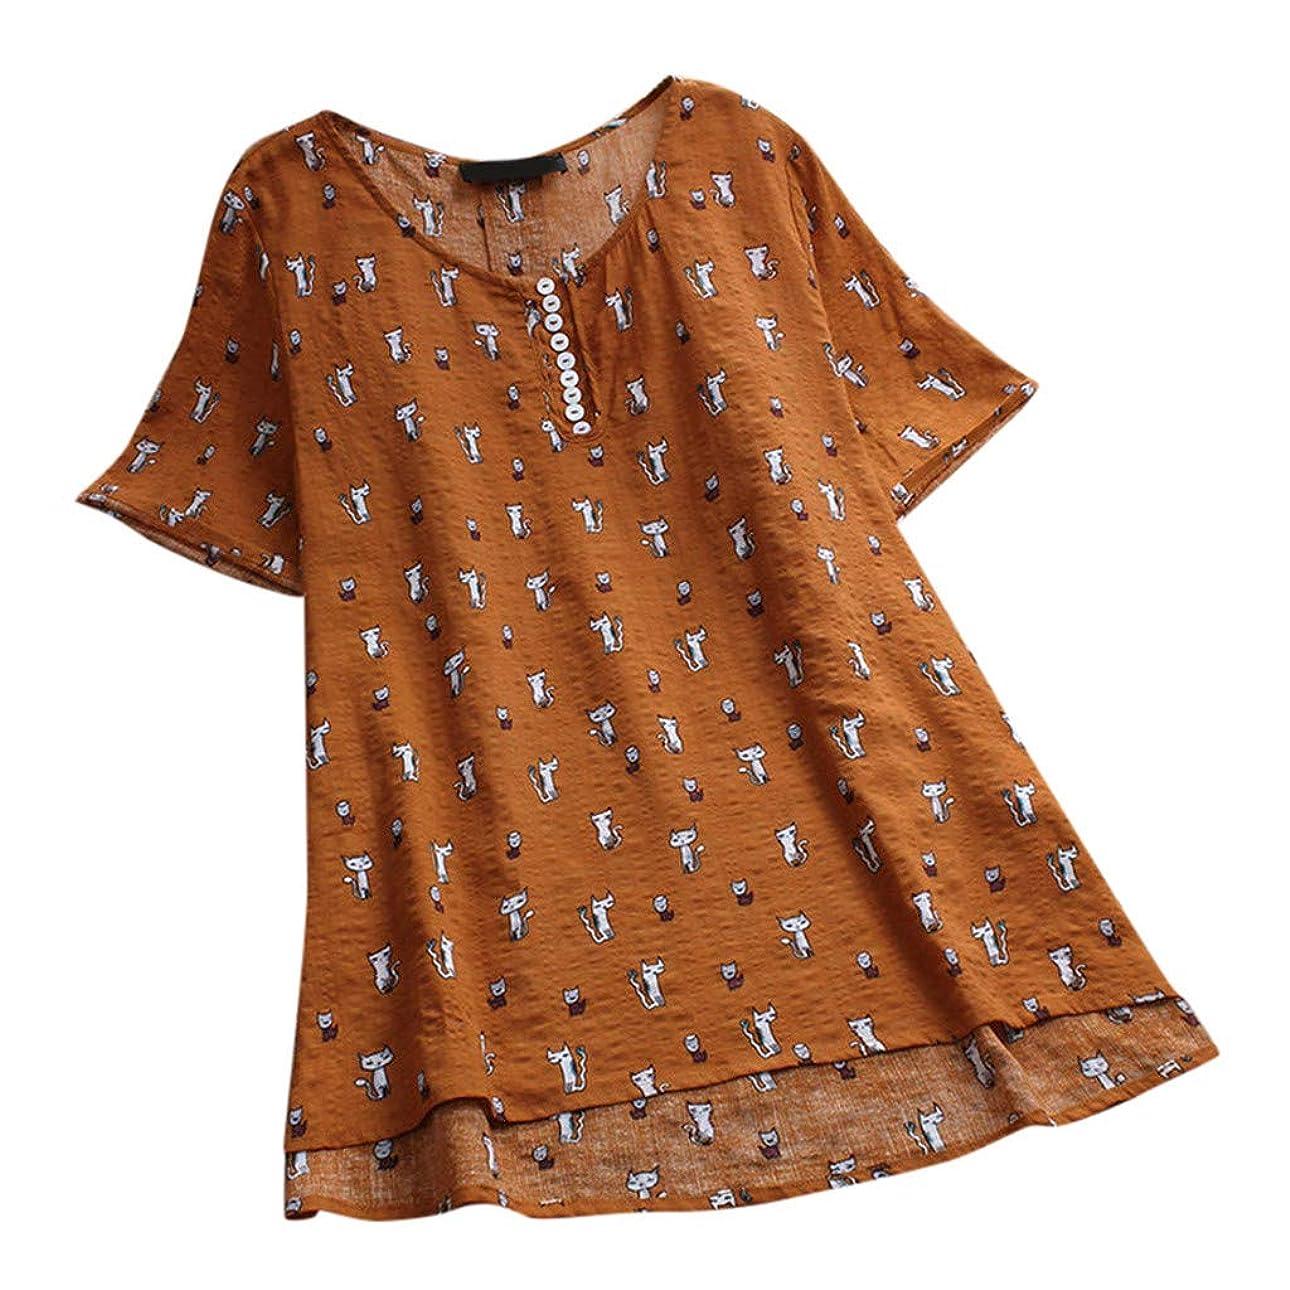 頂点灰代わりにレディース tシャツ プラスサイズ 半袖 丸首 猫プリント ボタン ビンテージ チュニック トップス 短いドレス ブラウス 人気 夏服 快適な 軽い 柔らかい かっこいい ワイシャツ カジュアル シンプル オシャレ 春夏秋 対応